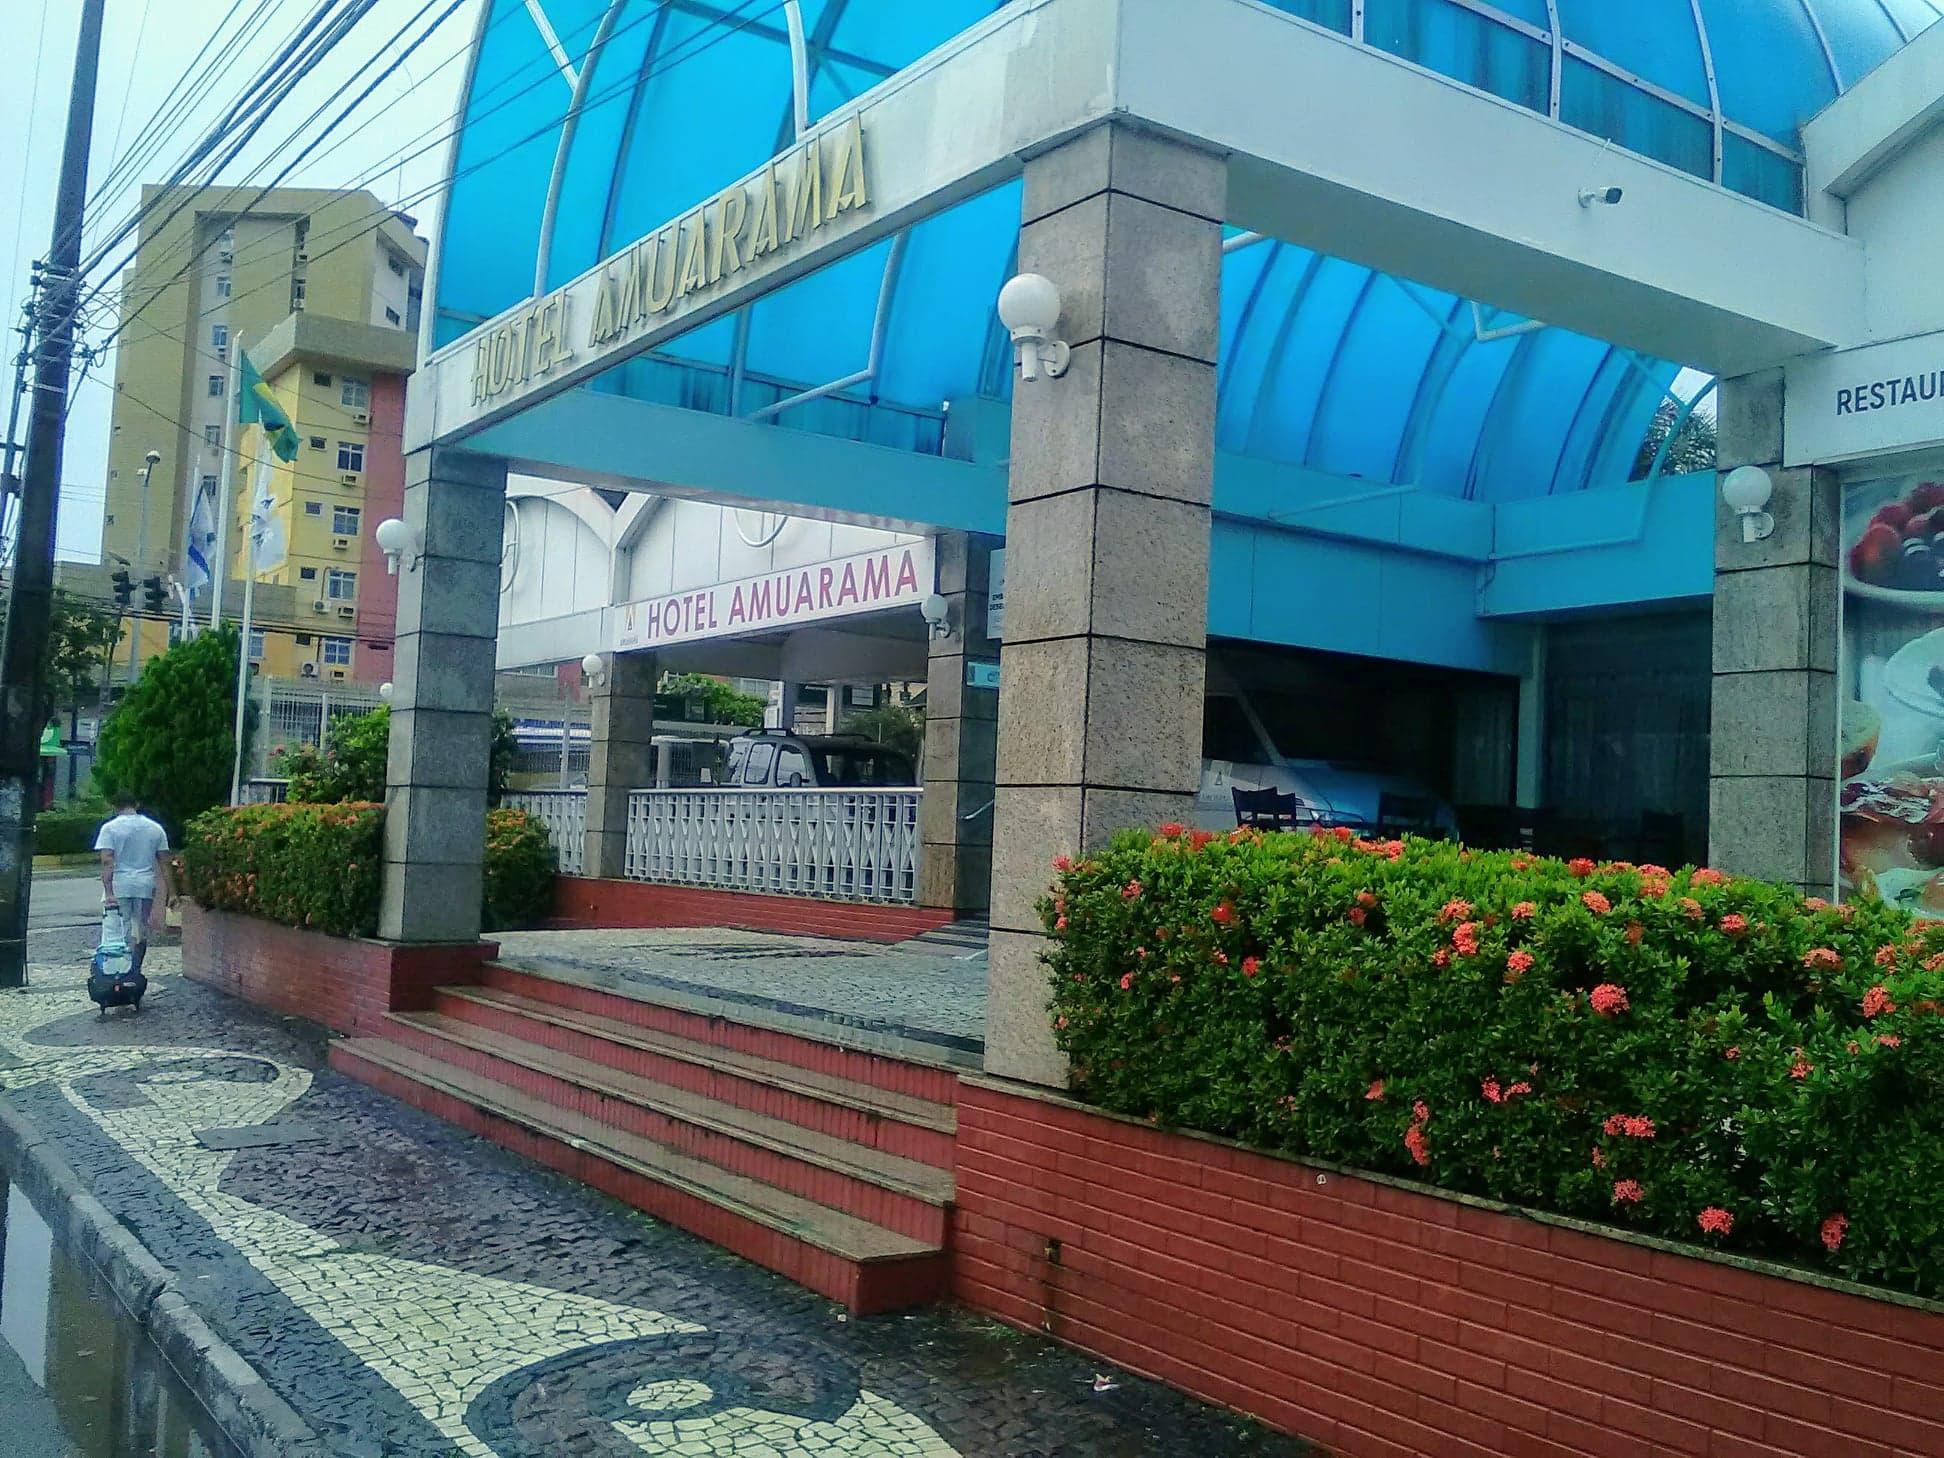 Forteleza-een-van-de-duurste-hotels-van-de-stad-32-euro